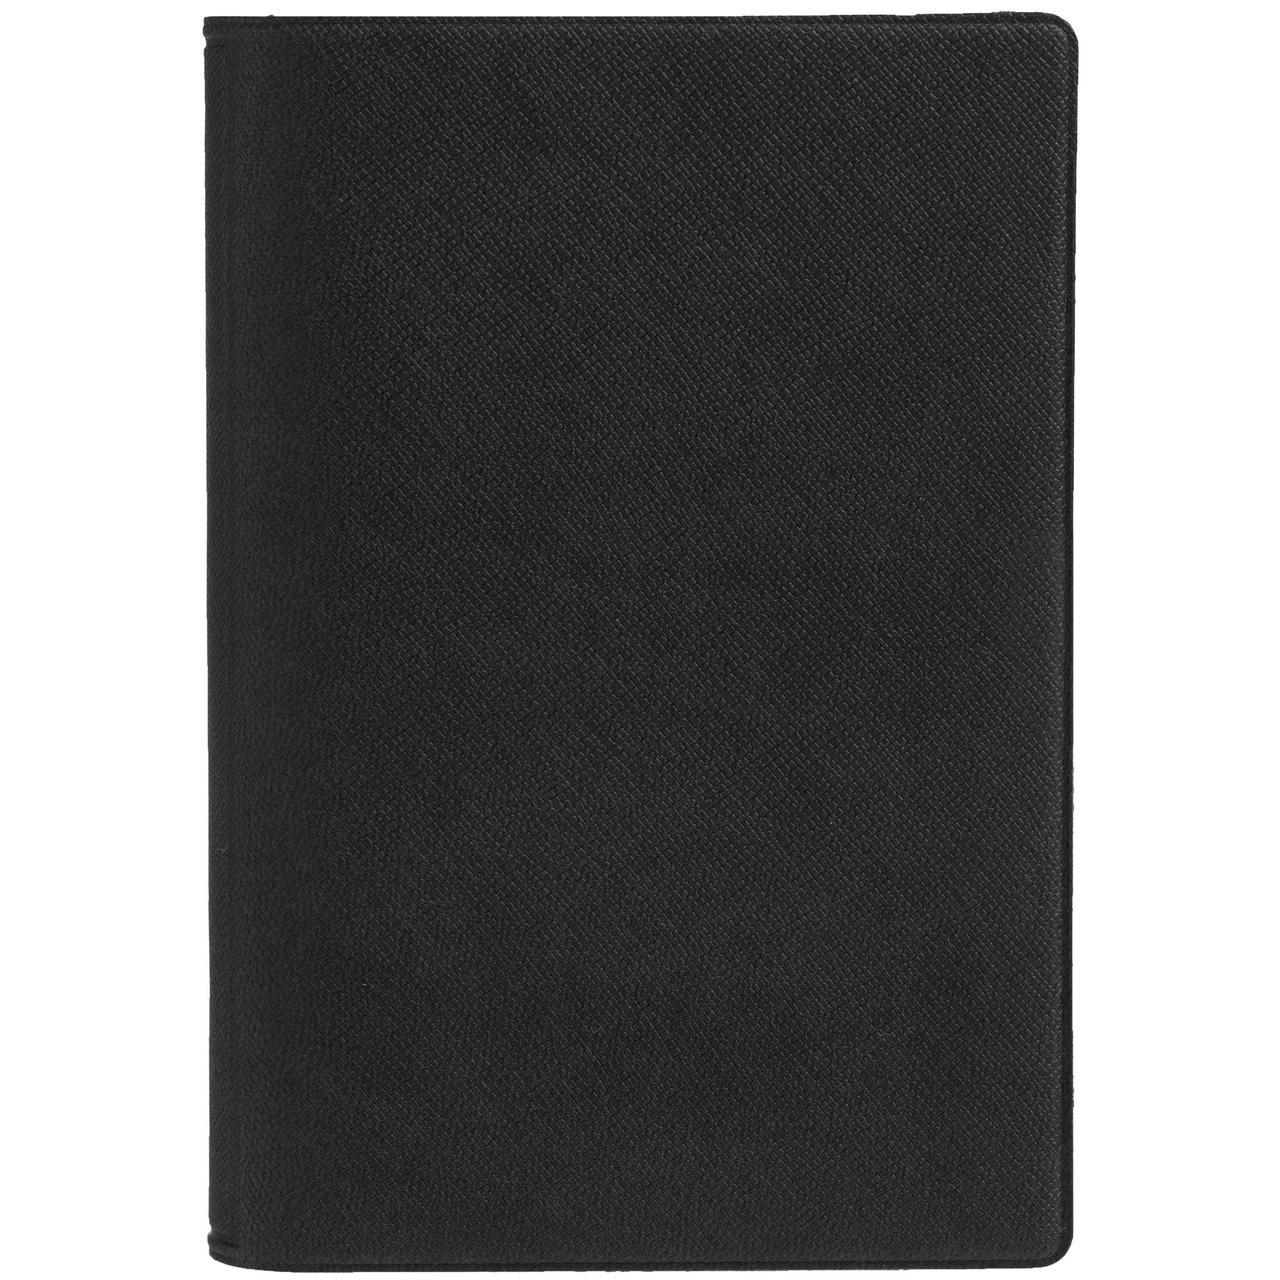 Обложка для паспорта Devon, черная (артикул 10266.30)